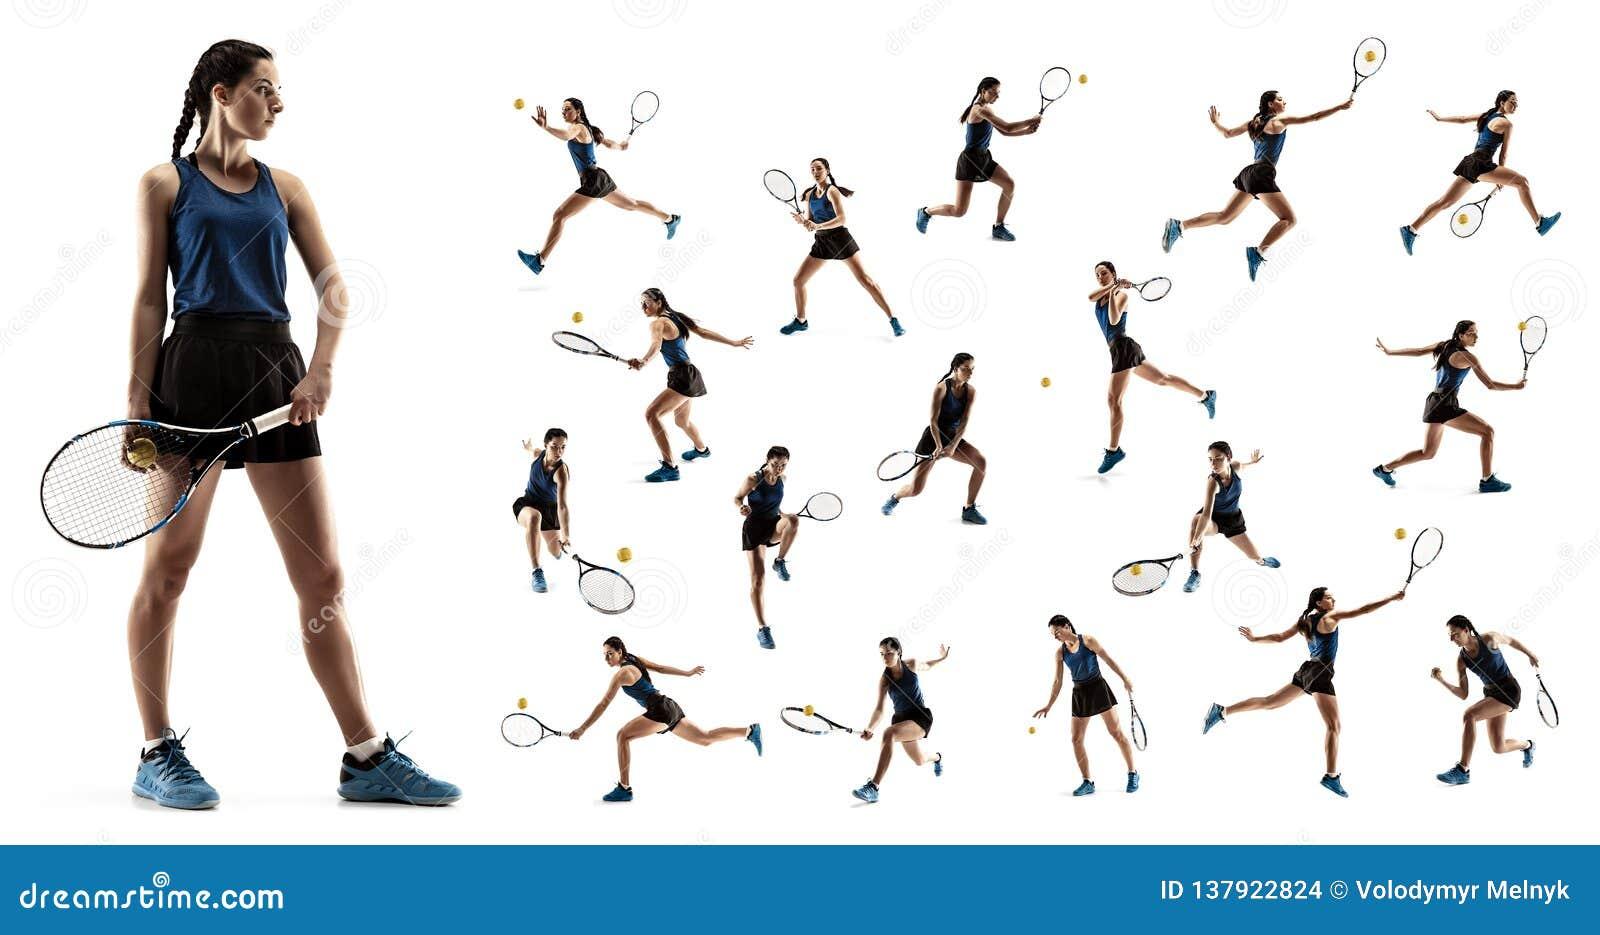 Collaget om den unga kvinnan som spelar tennis som isoleras på vit bakgrund